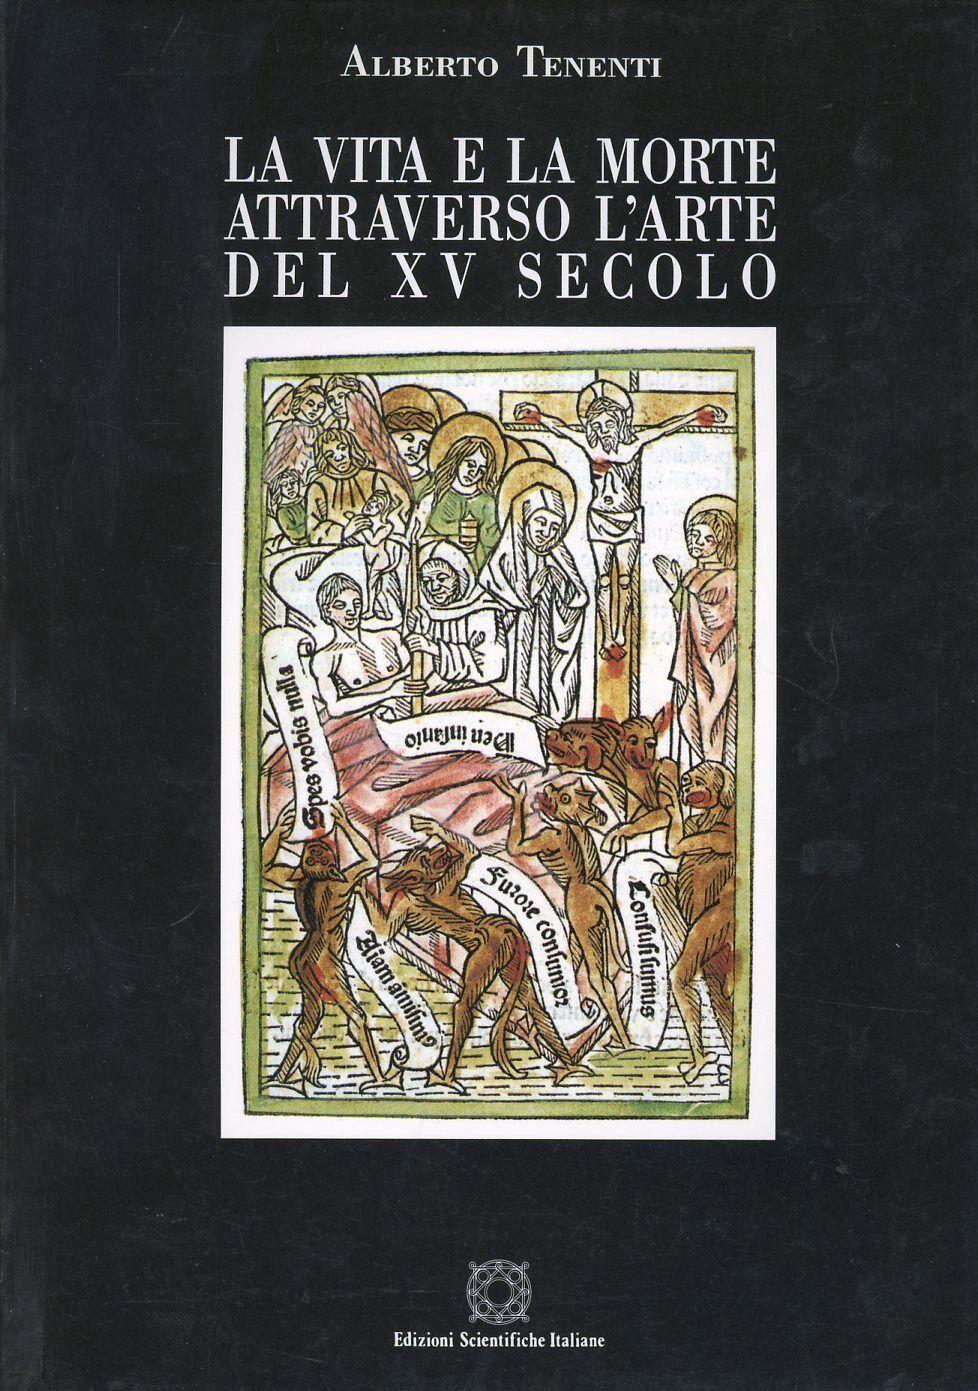 La vita e la morte attraverso l'arte del XV secolo